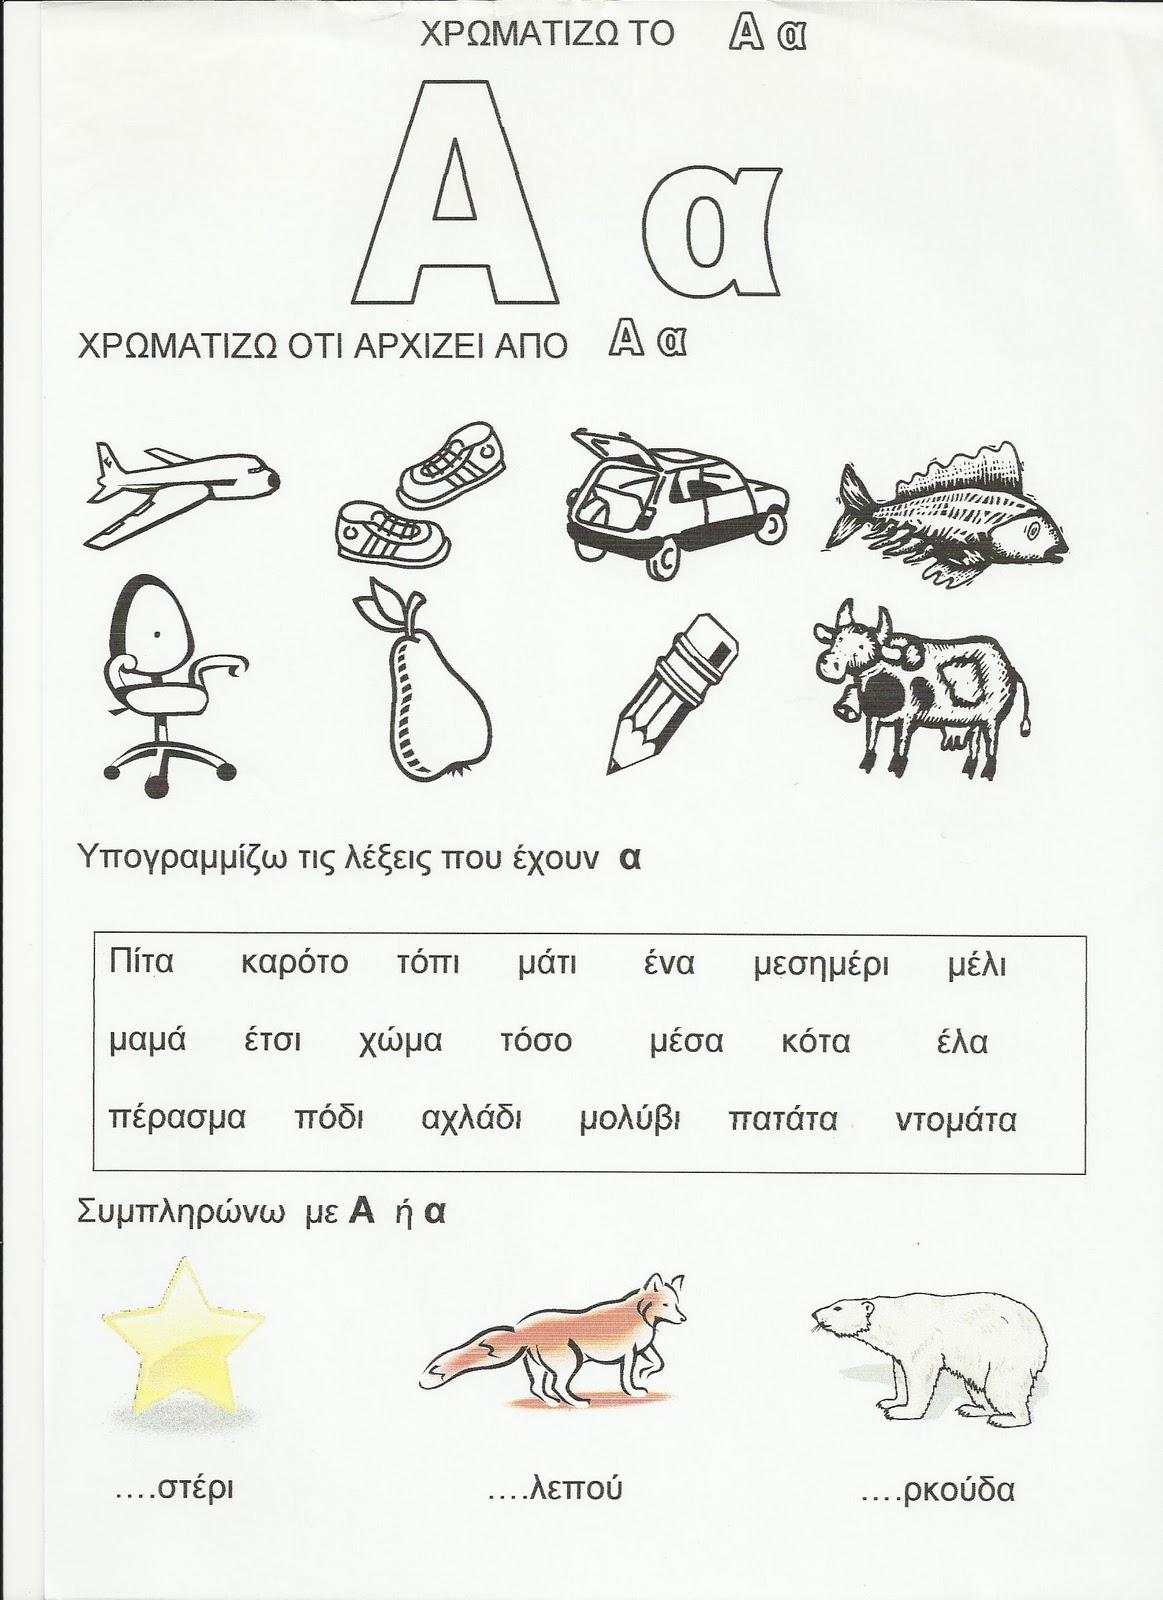 Ελένη Μαμανού  Original text